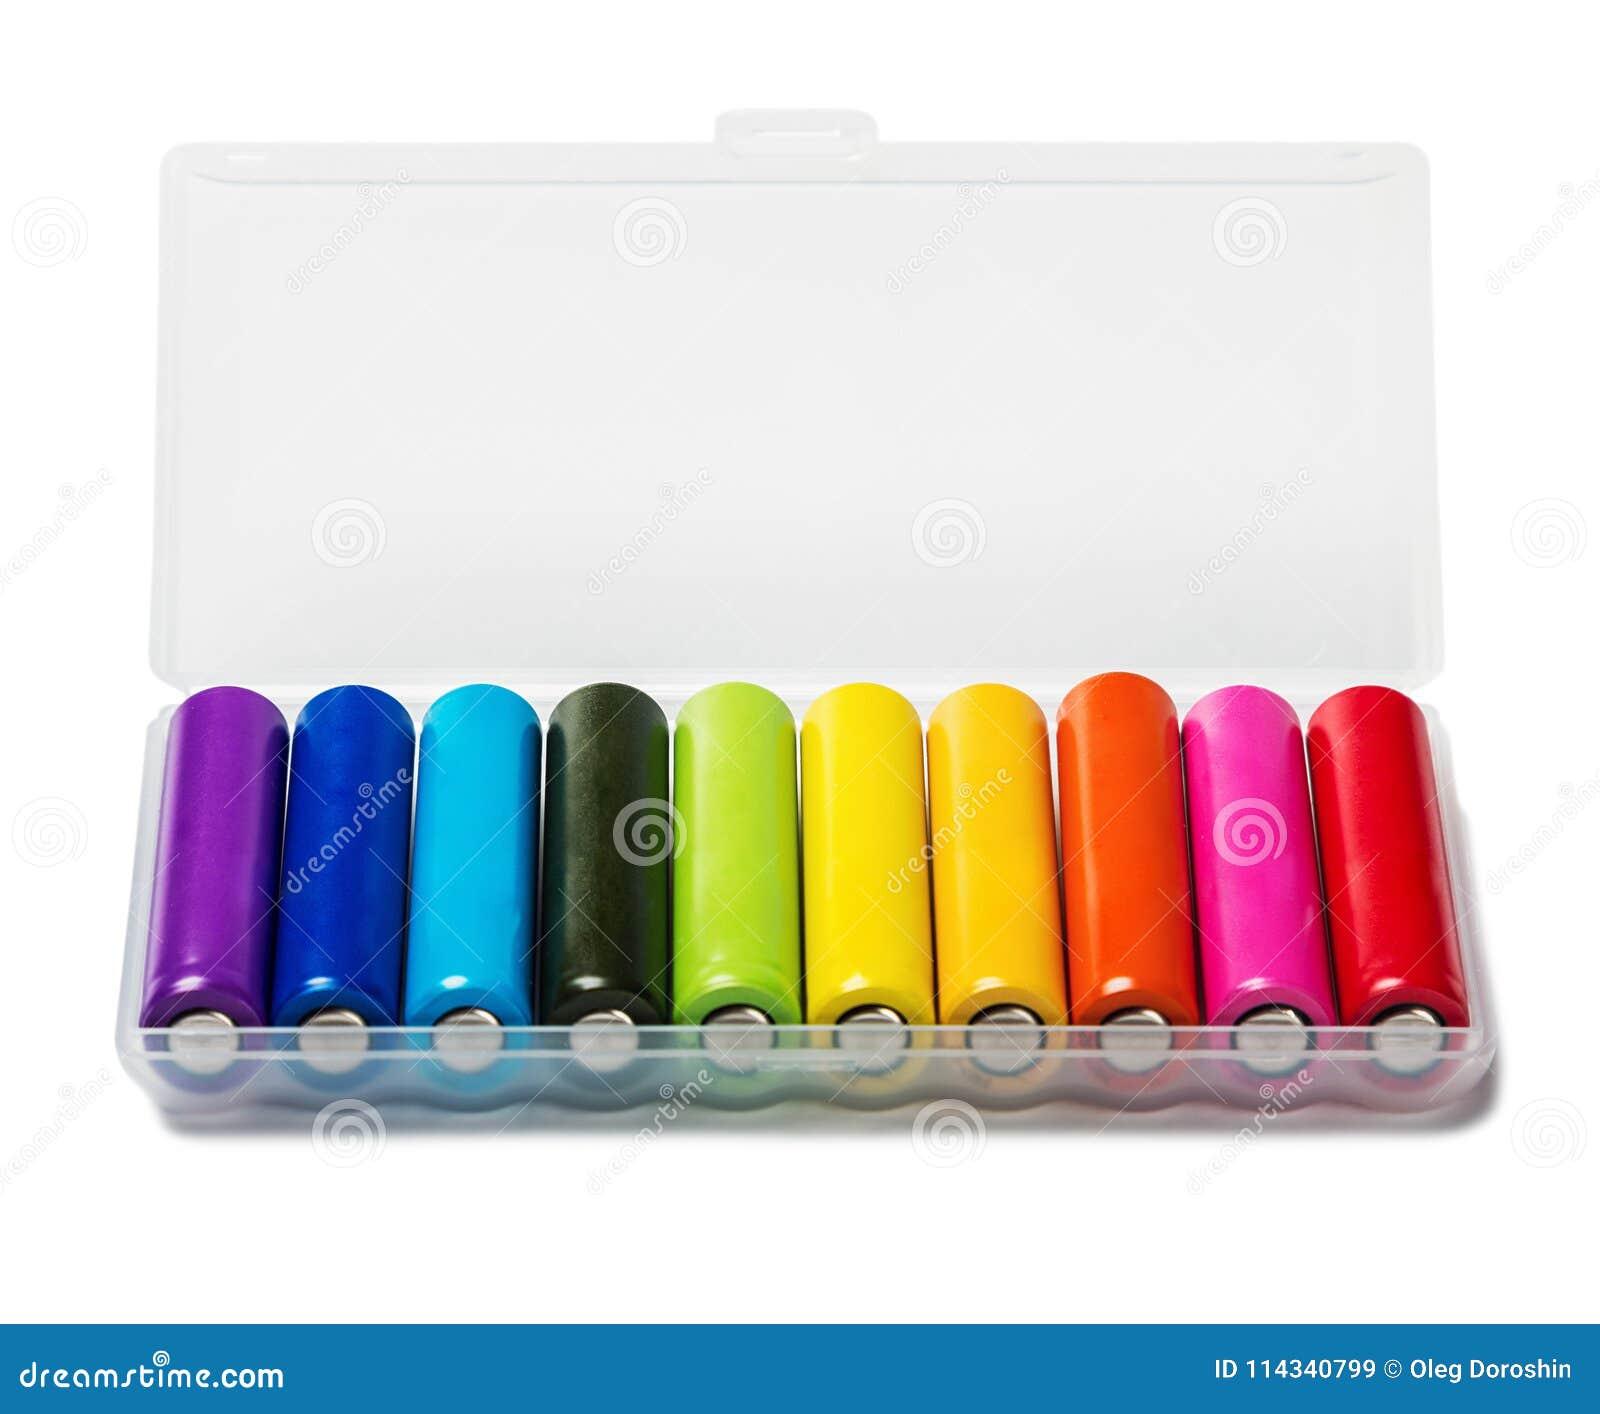 Διαφορετικές αλκαλικές μπαταρίες ή επαναφορτιζόμενες μπαταρίες ISO χρώματος